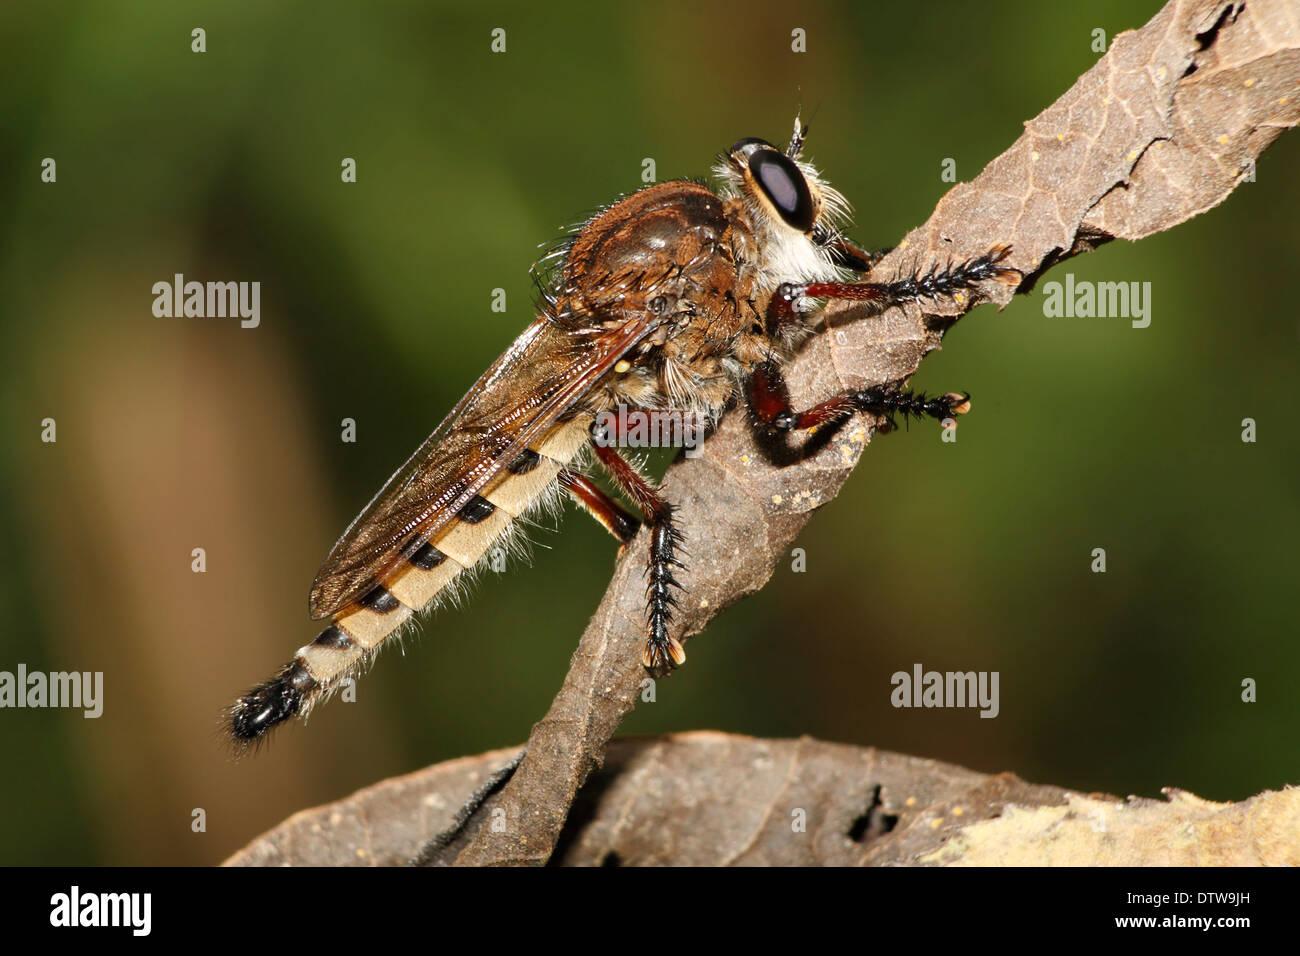 Eine große beängstigend und haarige Fliege am Rest, Räuber fliegen, Efferia, Stockbild